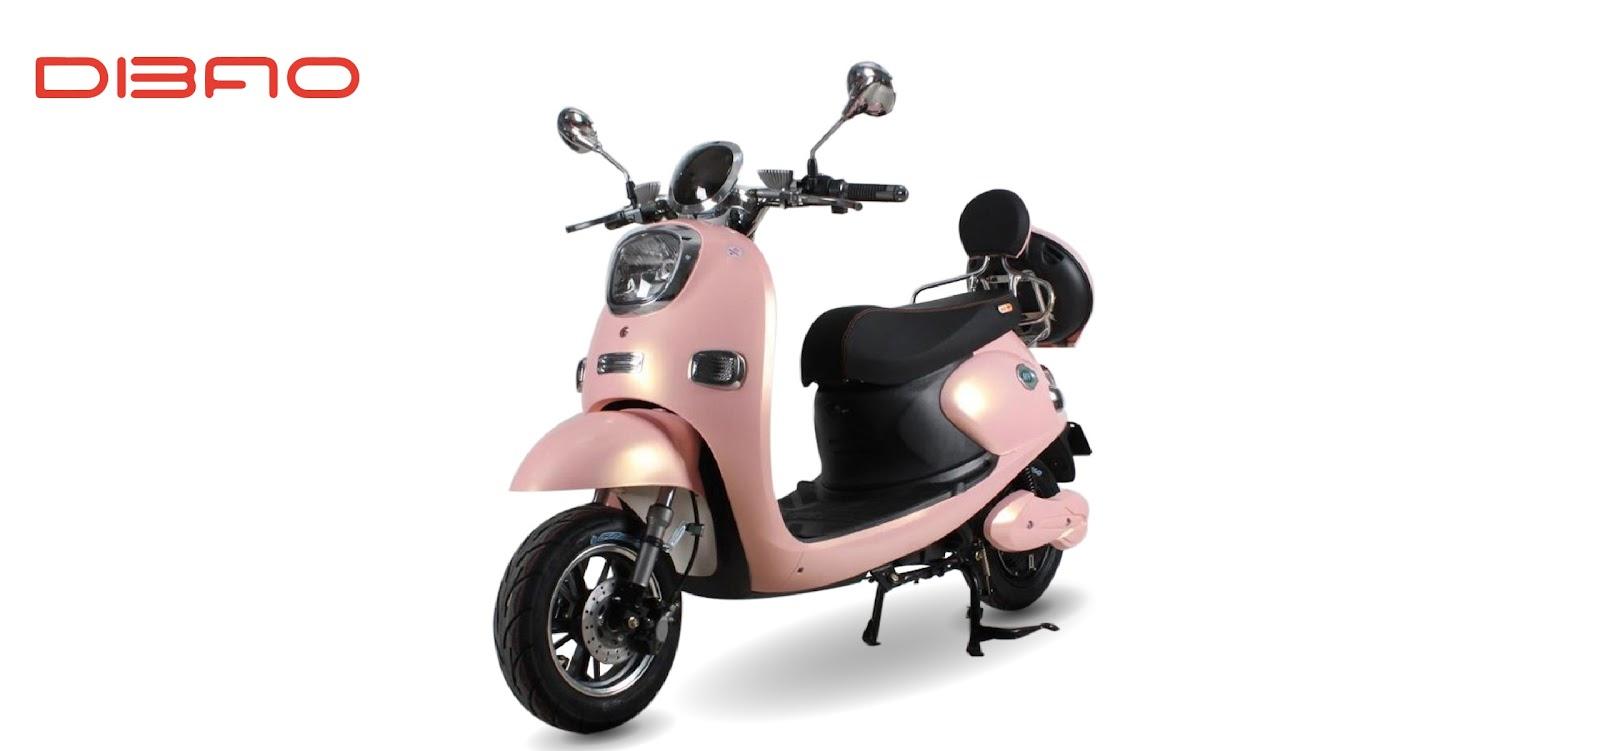 Xe máy điện Dibao Nami có thiết kế thời thượng